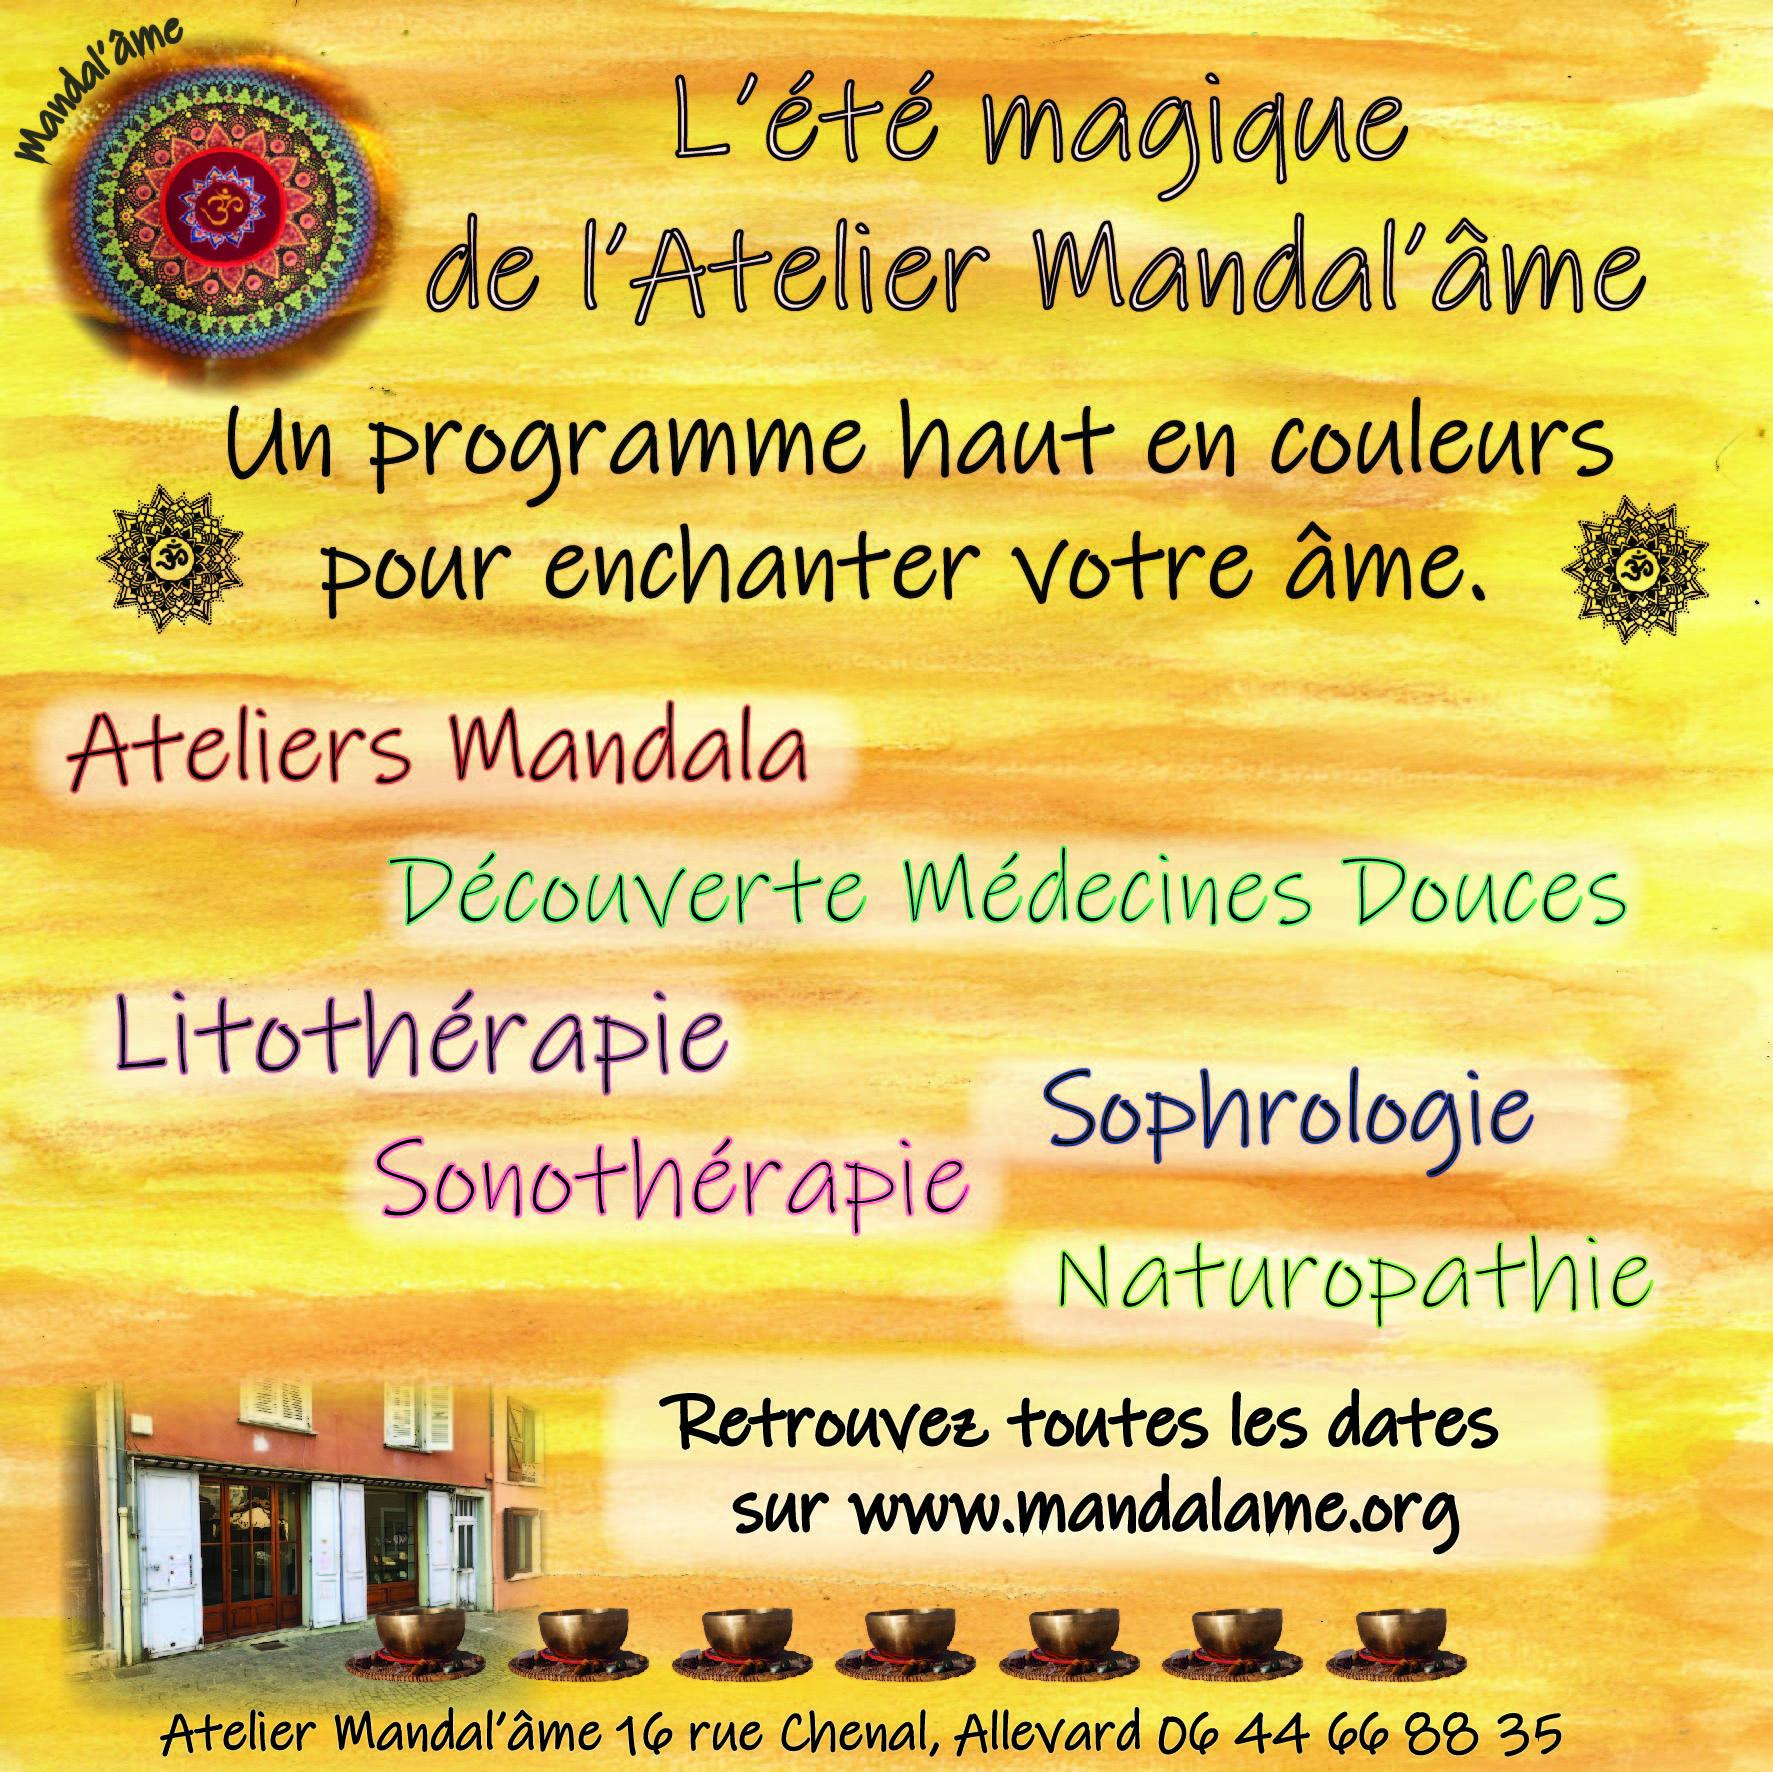 Ete magique 09